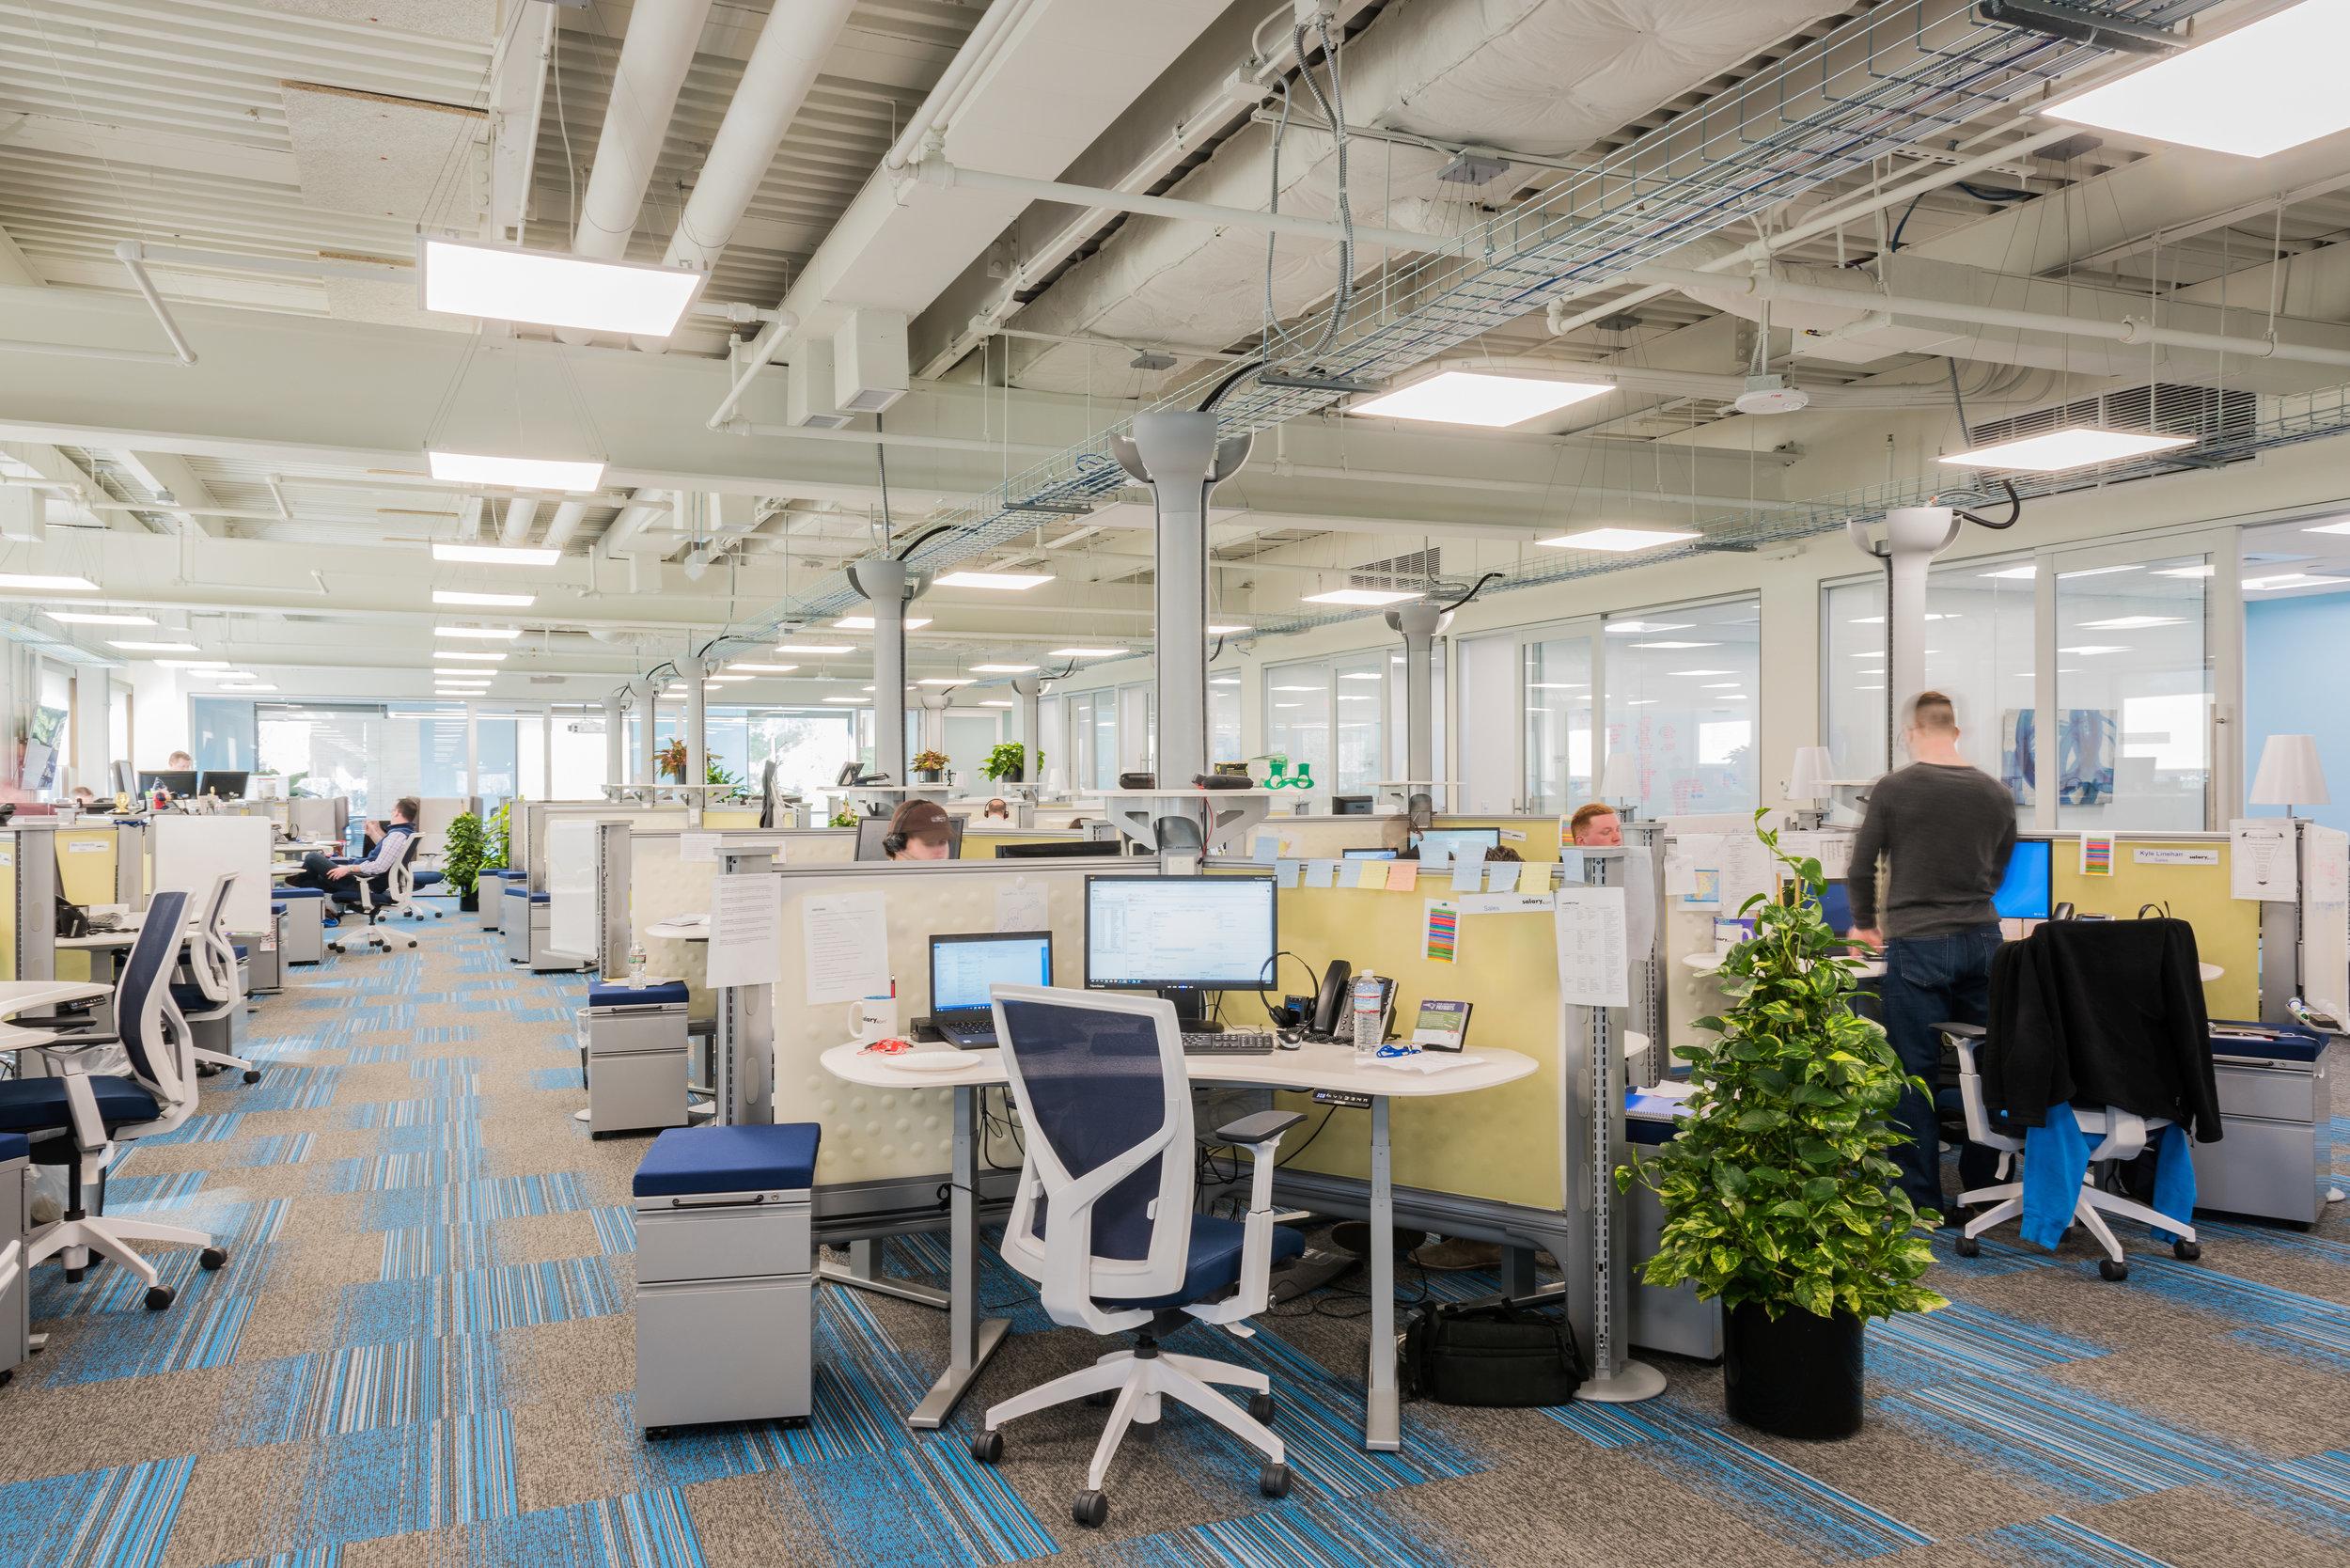 officeviewsharp.jpg